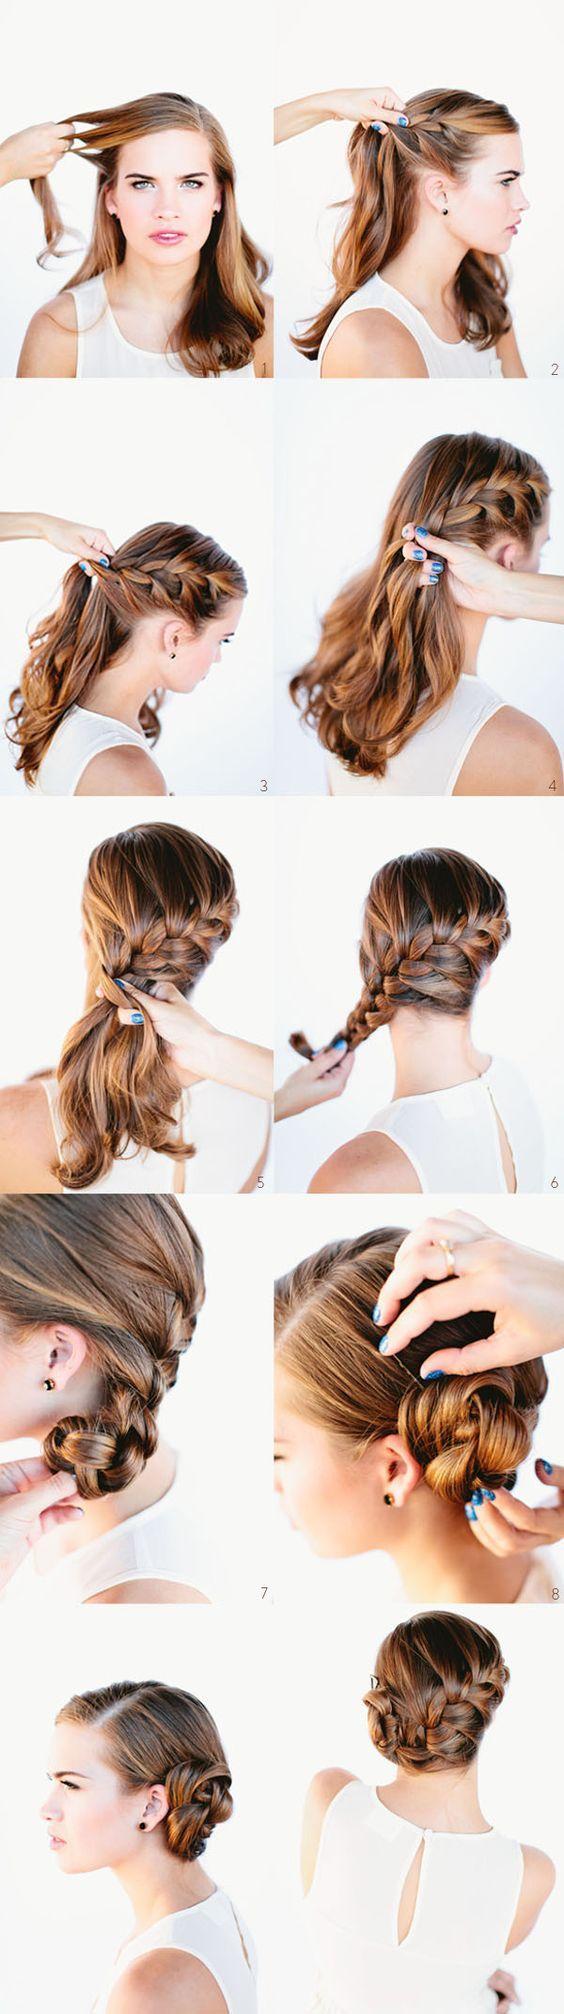 Découvrir le tuto coiffure tresse française, technique à faire soi même sur les cheveux longs ou courts, se coiffer seule mode d'emploi.